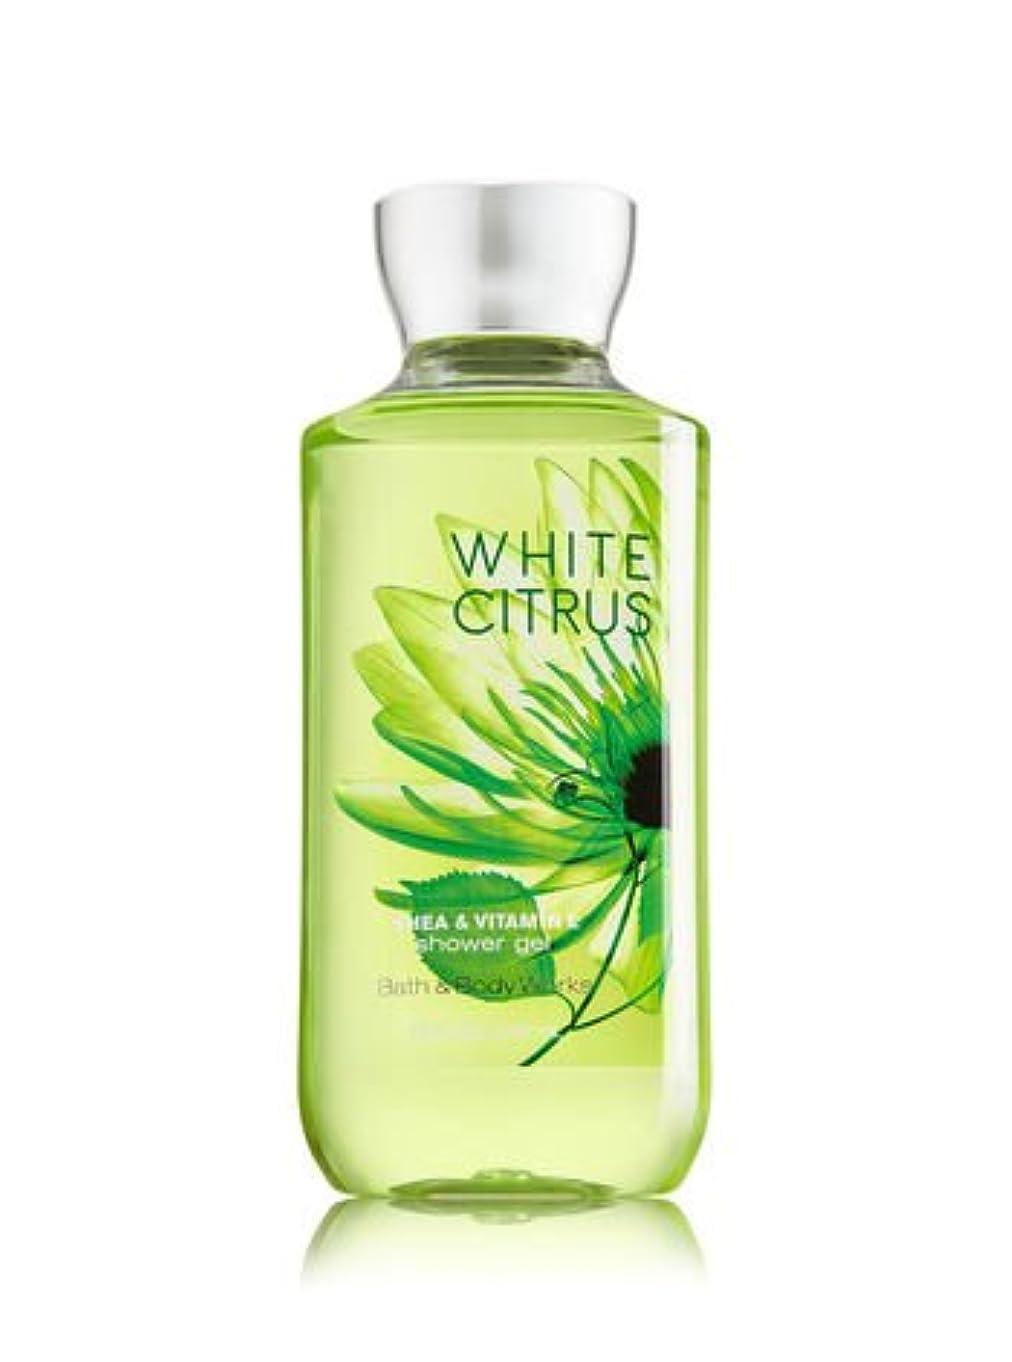 検出可能宿泊教養があるバス&ボディワークス ホワイトシトラス シャワージェル White Citrus Shower Gel [並行輸入品]